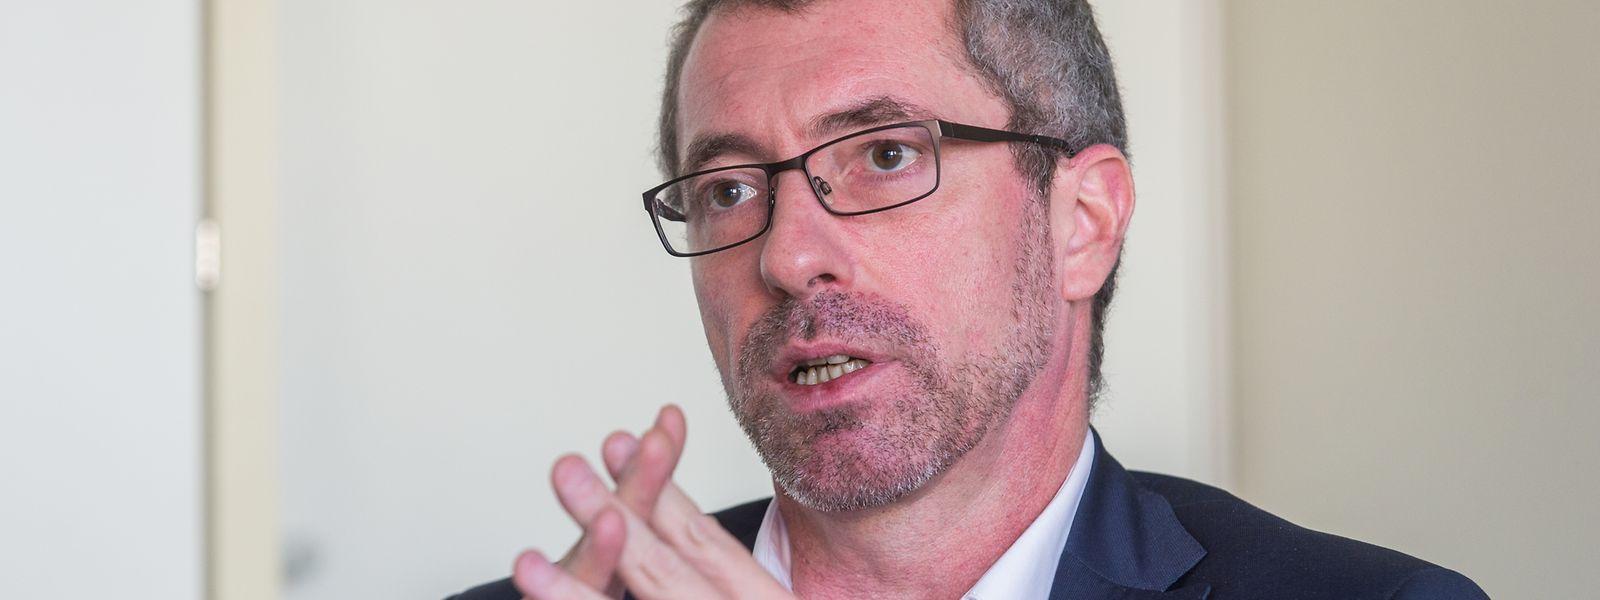 Frank Engel tritt nicht zur Europawahl im Mai an und will sich Vollzeit seinem Amt als CSV-Parteichef widmen.